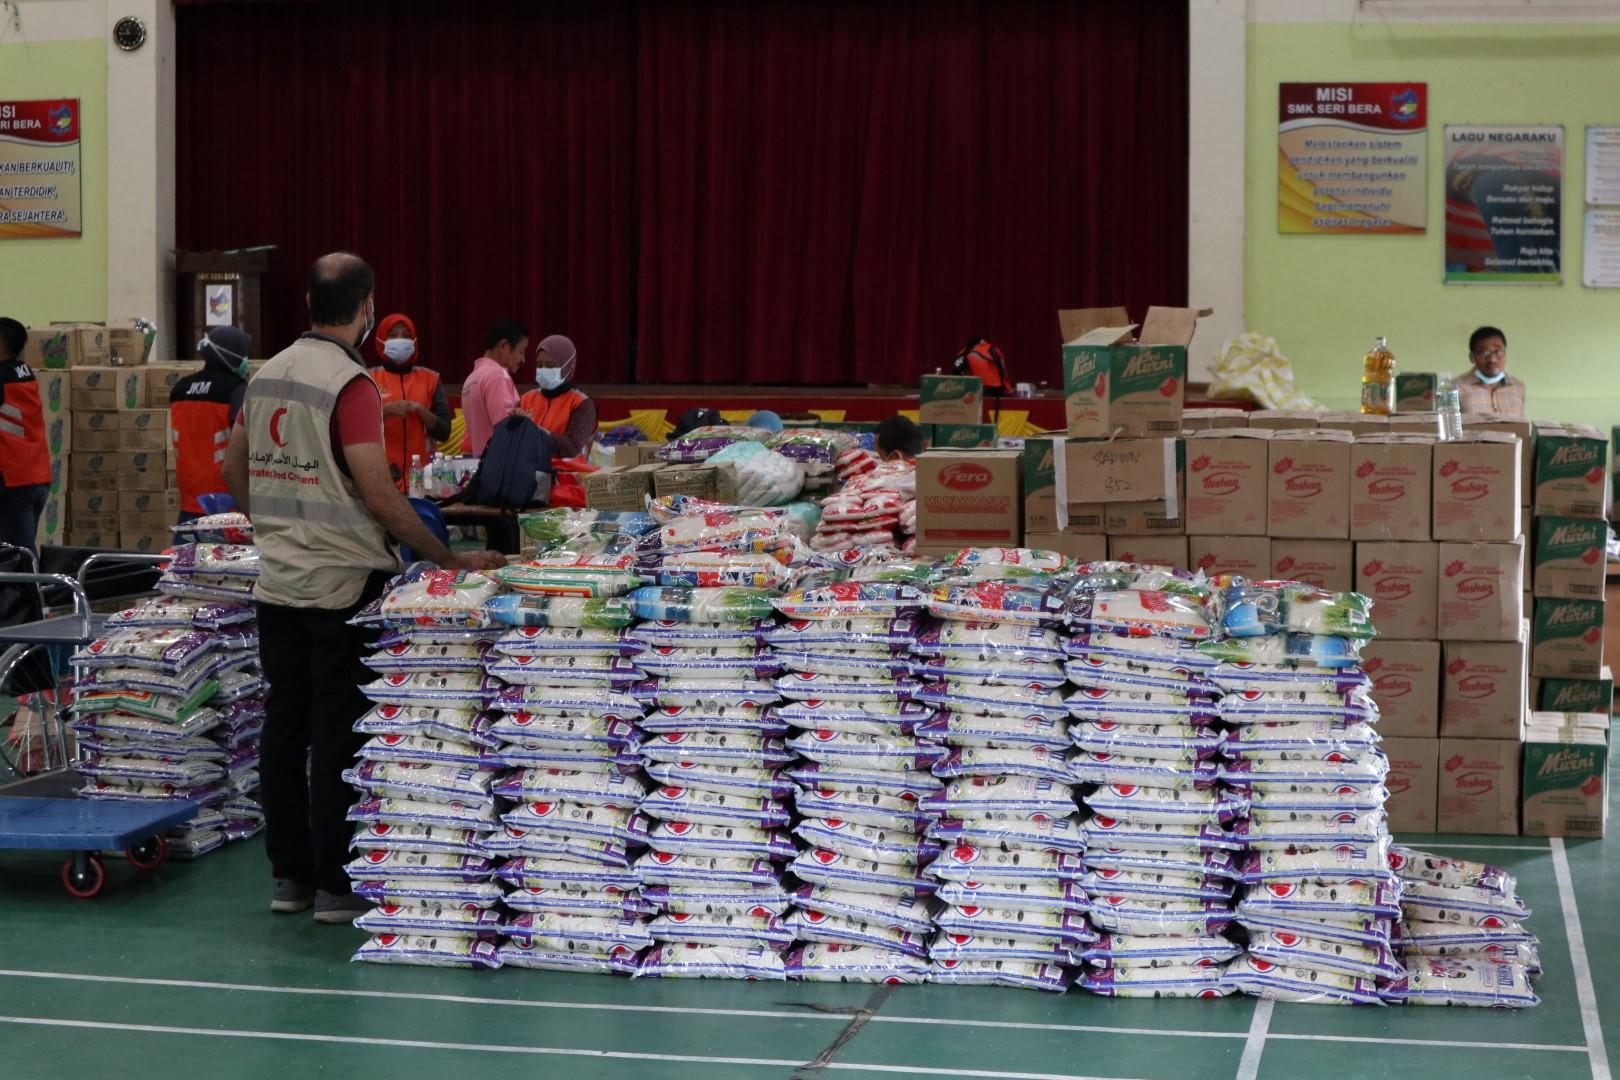 الهلال الأحمر يعزز جهوده الإنسانية لصالح المتأثرين من الفيضانات في بهانج بماليزيا